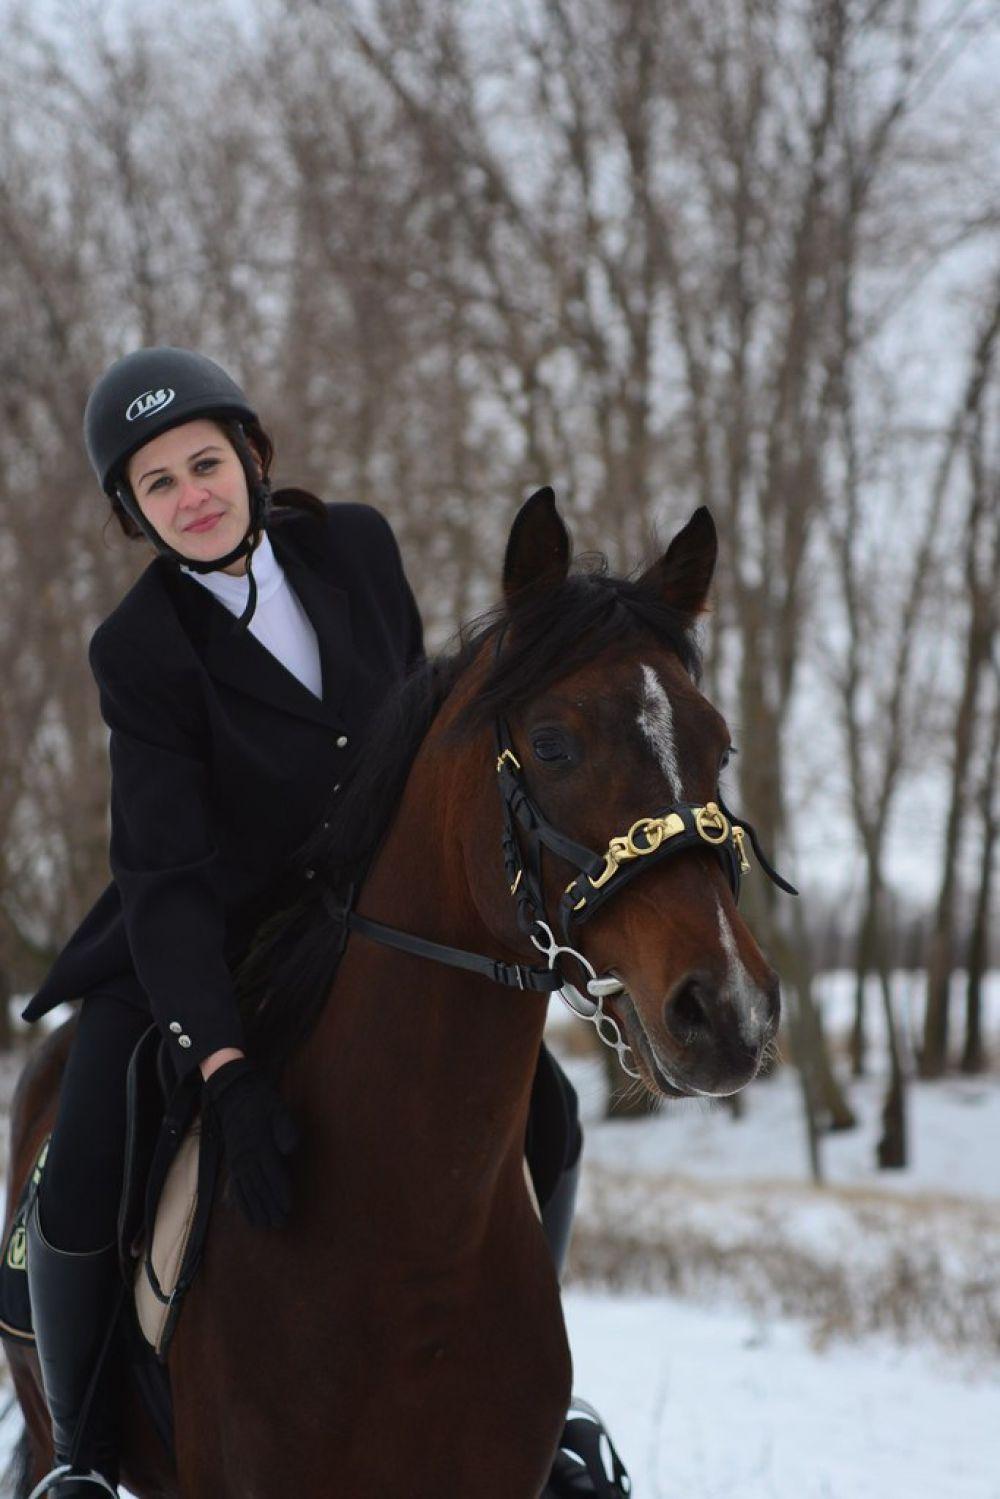 Руководитель клуба Галина Любивая более 20 лет занимается конным спортом.